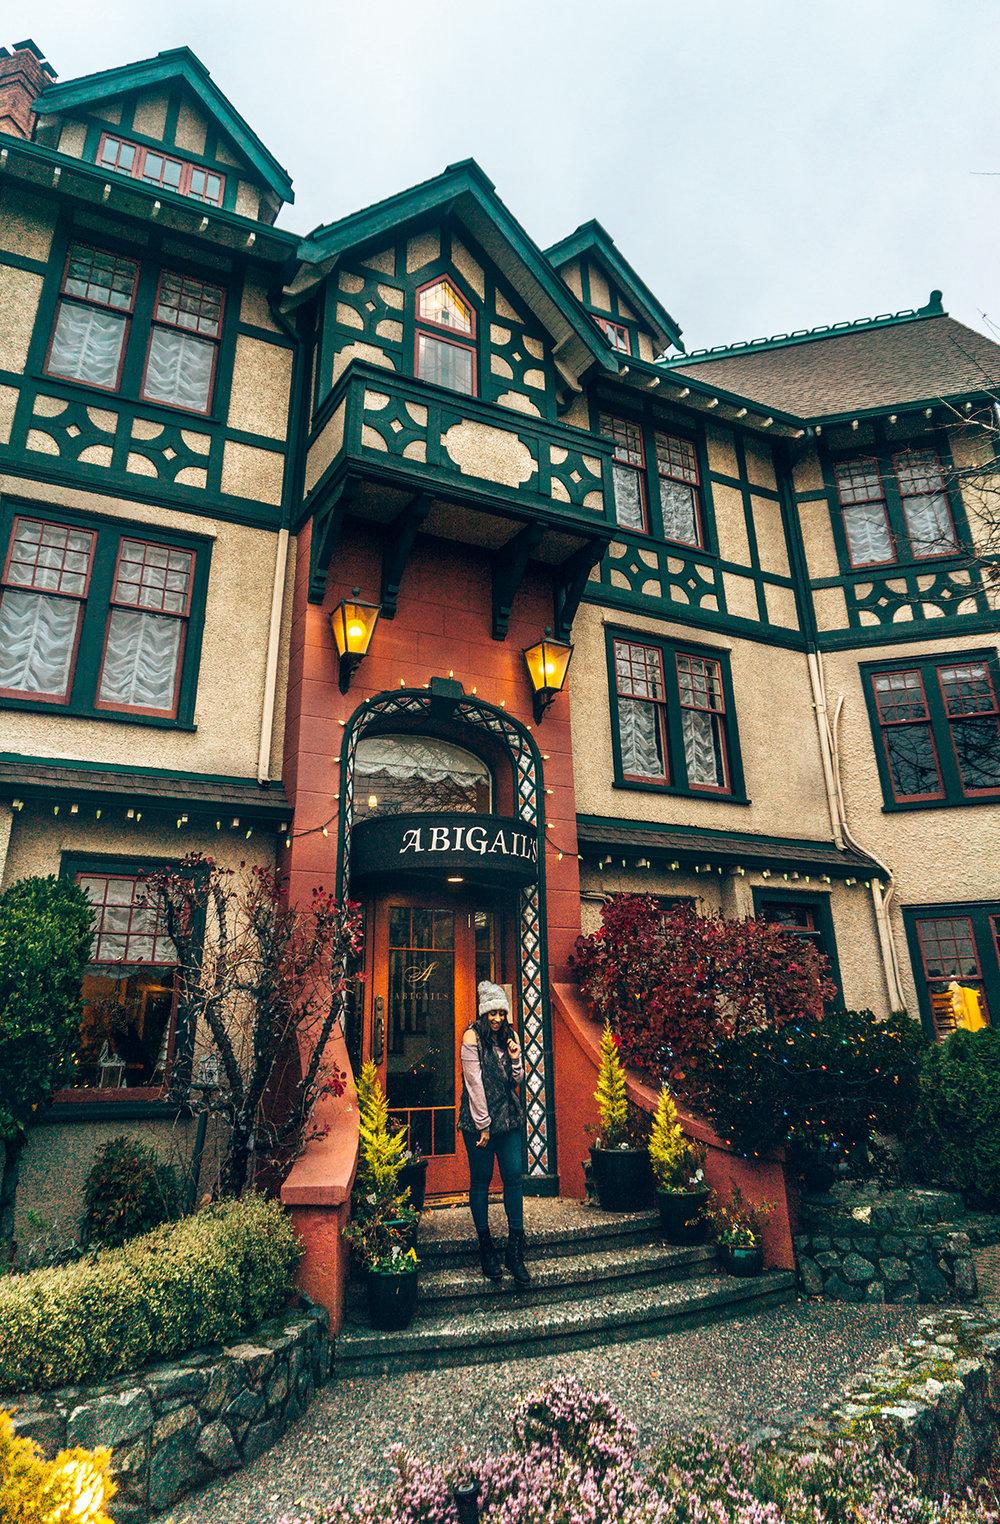 Victoria-Abigails-Hotel-front-door.jpg